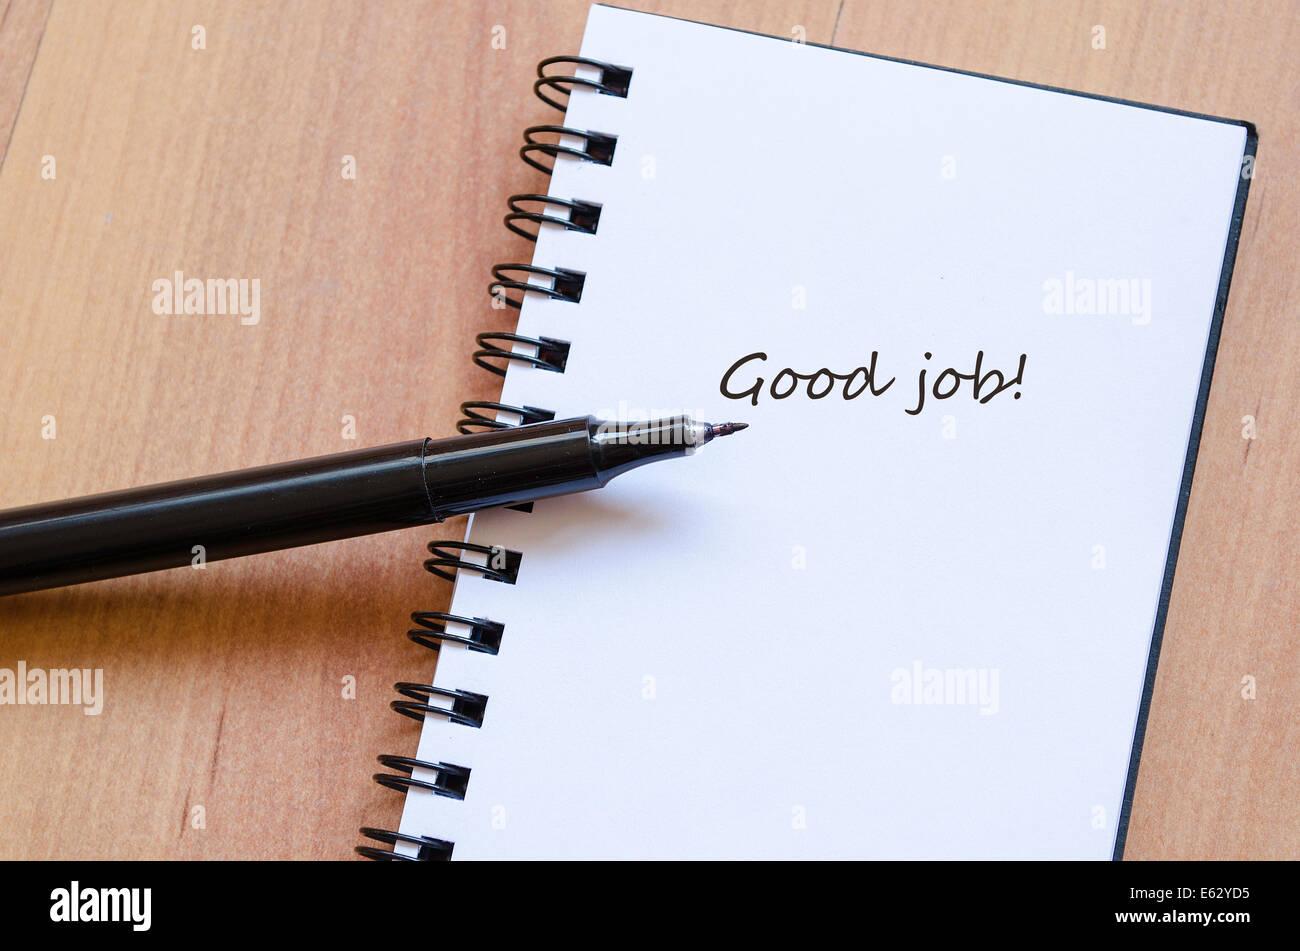 Programación Notepad Buen trabajo Imagen De Stock